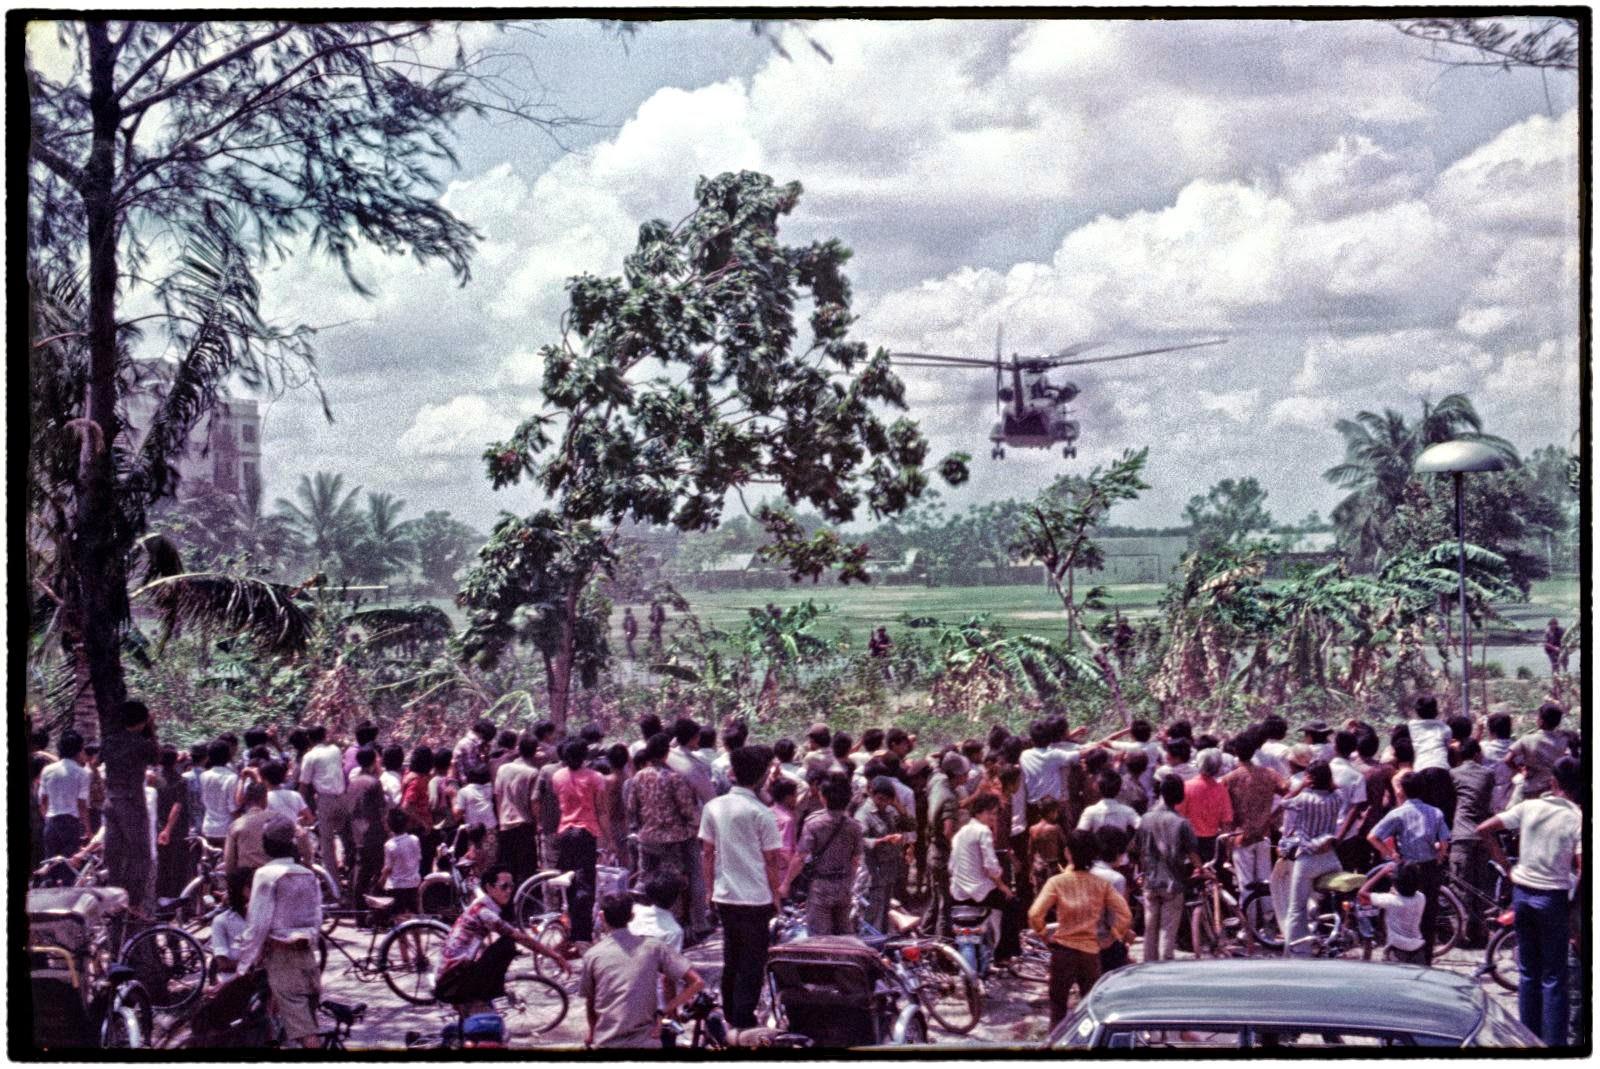 Dans la capitale du Cambodge assiégée par les Khmers rouges, en avril 1975, rôde un jeune photographe français avide de faire ses preuves. Roland Neveu ne le sait pas encore, mais il est en passe de capter sur sa pellicule l'inauguration d'une des plus grandes tragédies du XXe siècle.